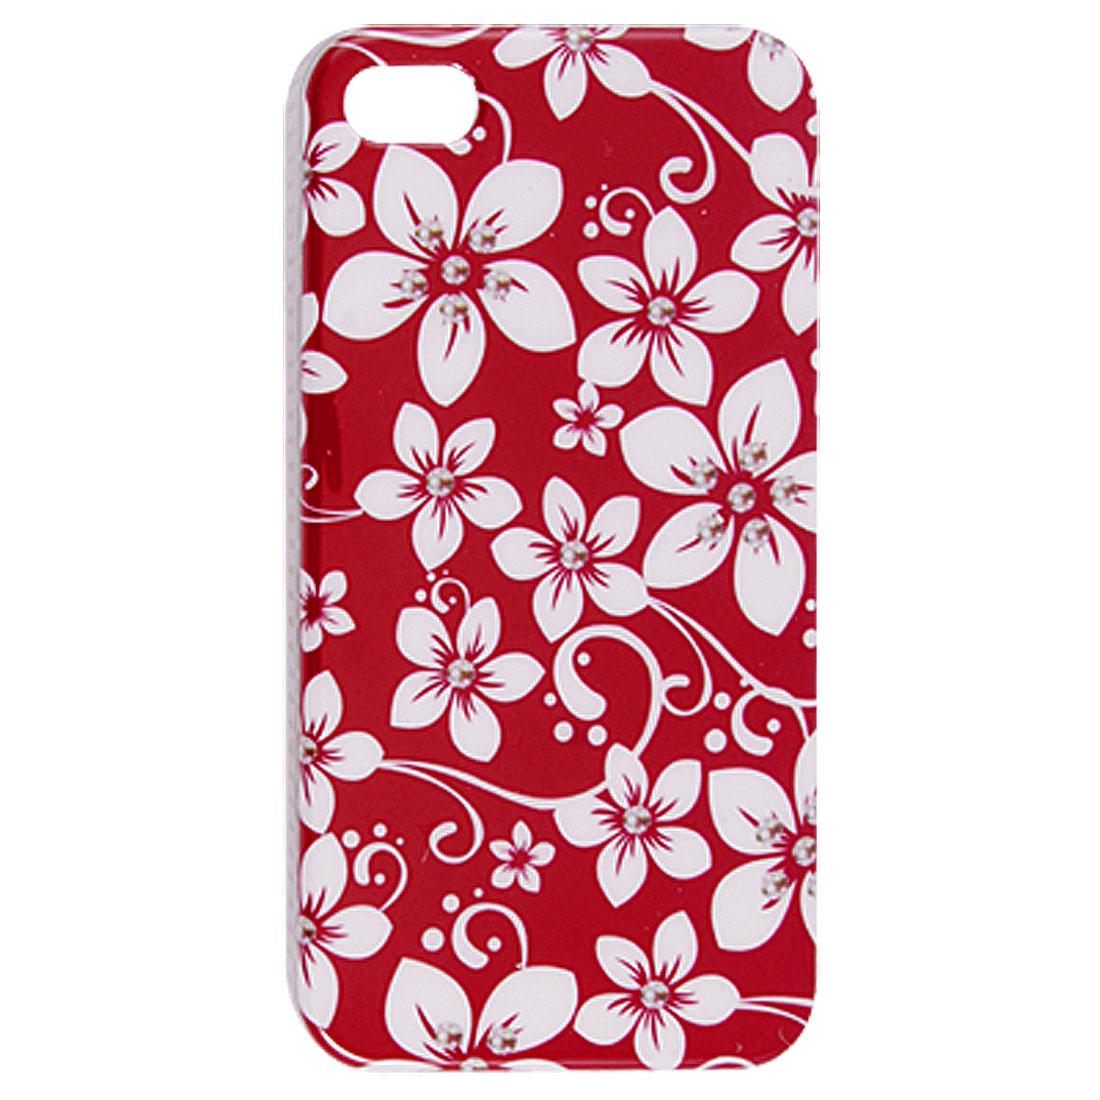 IMD White Flower Prints White Hard Plastic Back Case for iPhone 4 4G 4S